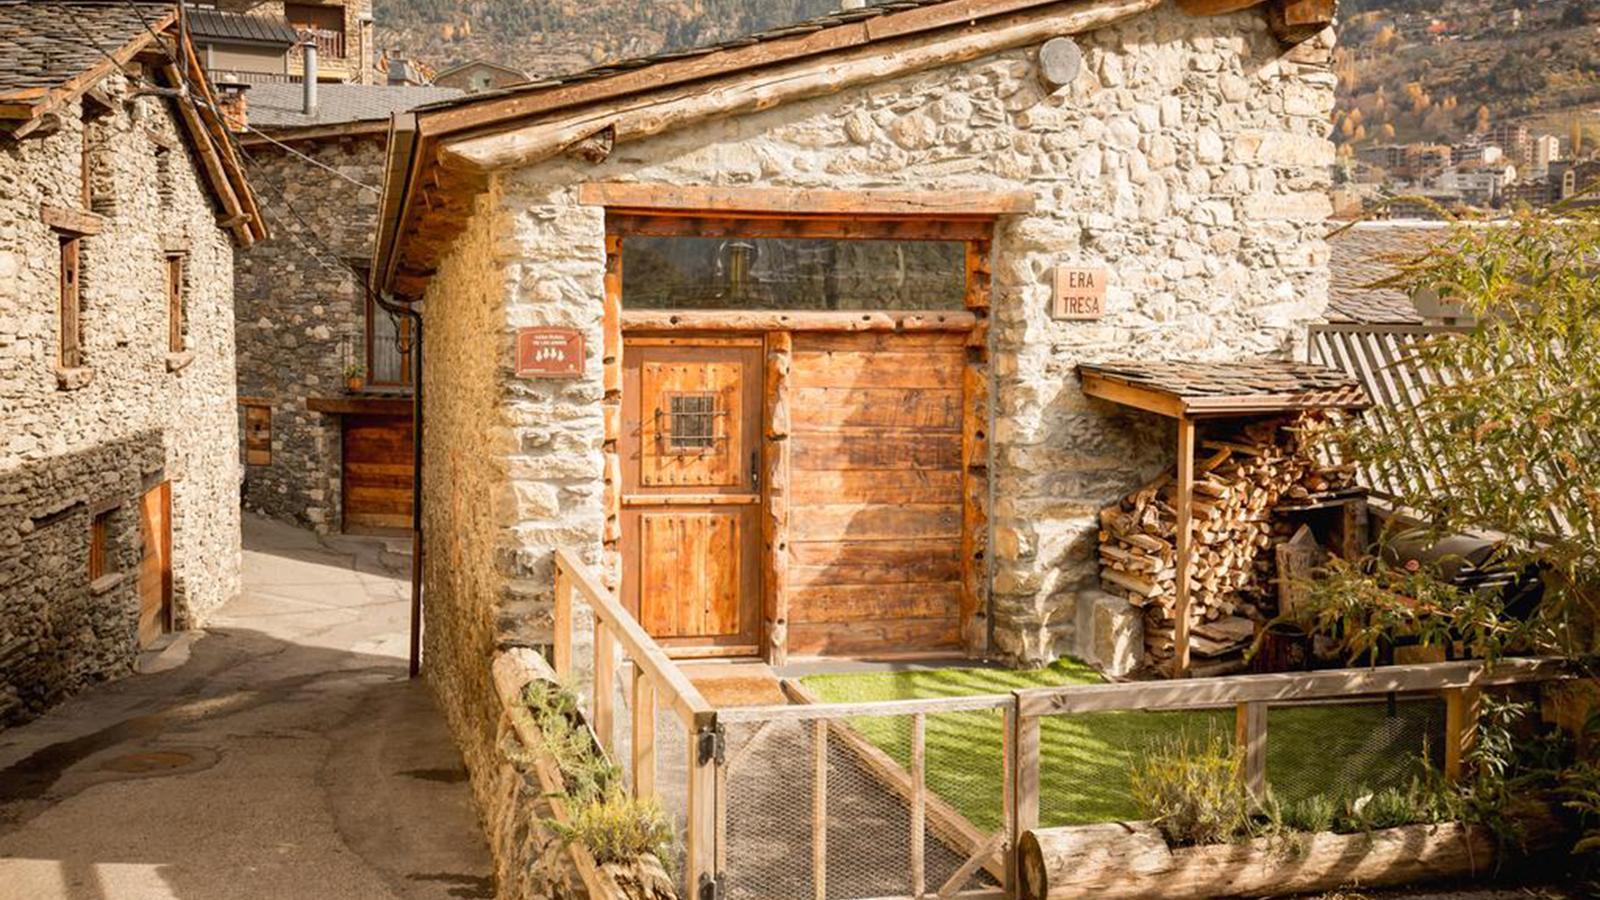 La casa rural de les Arnes, a Encamp. / Booking